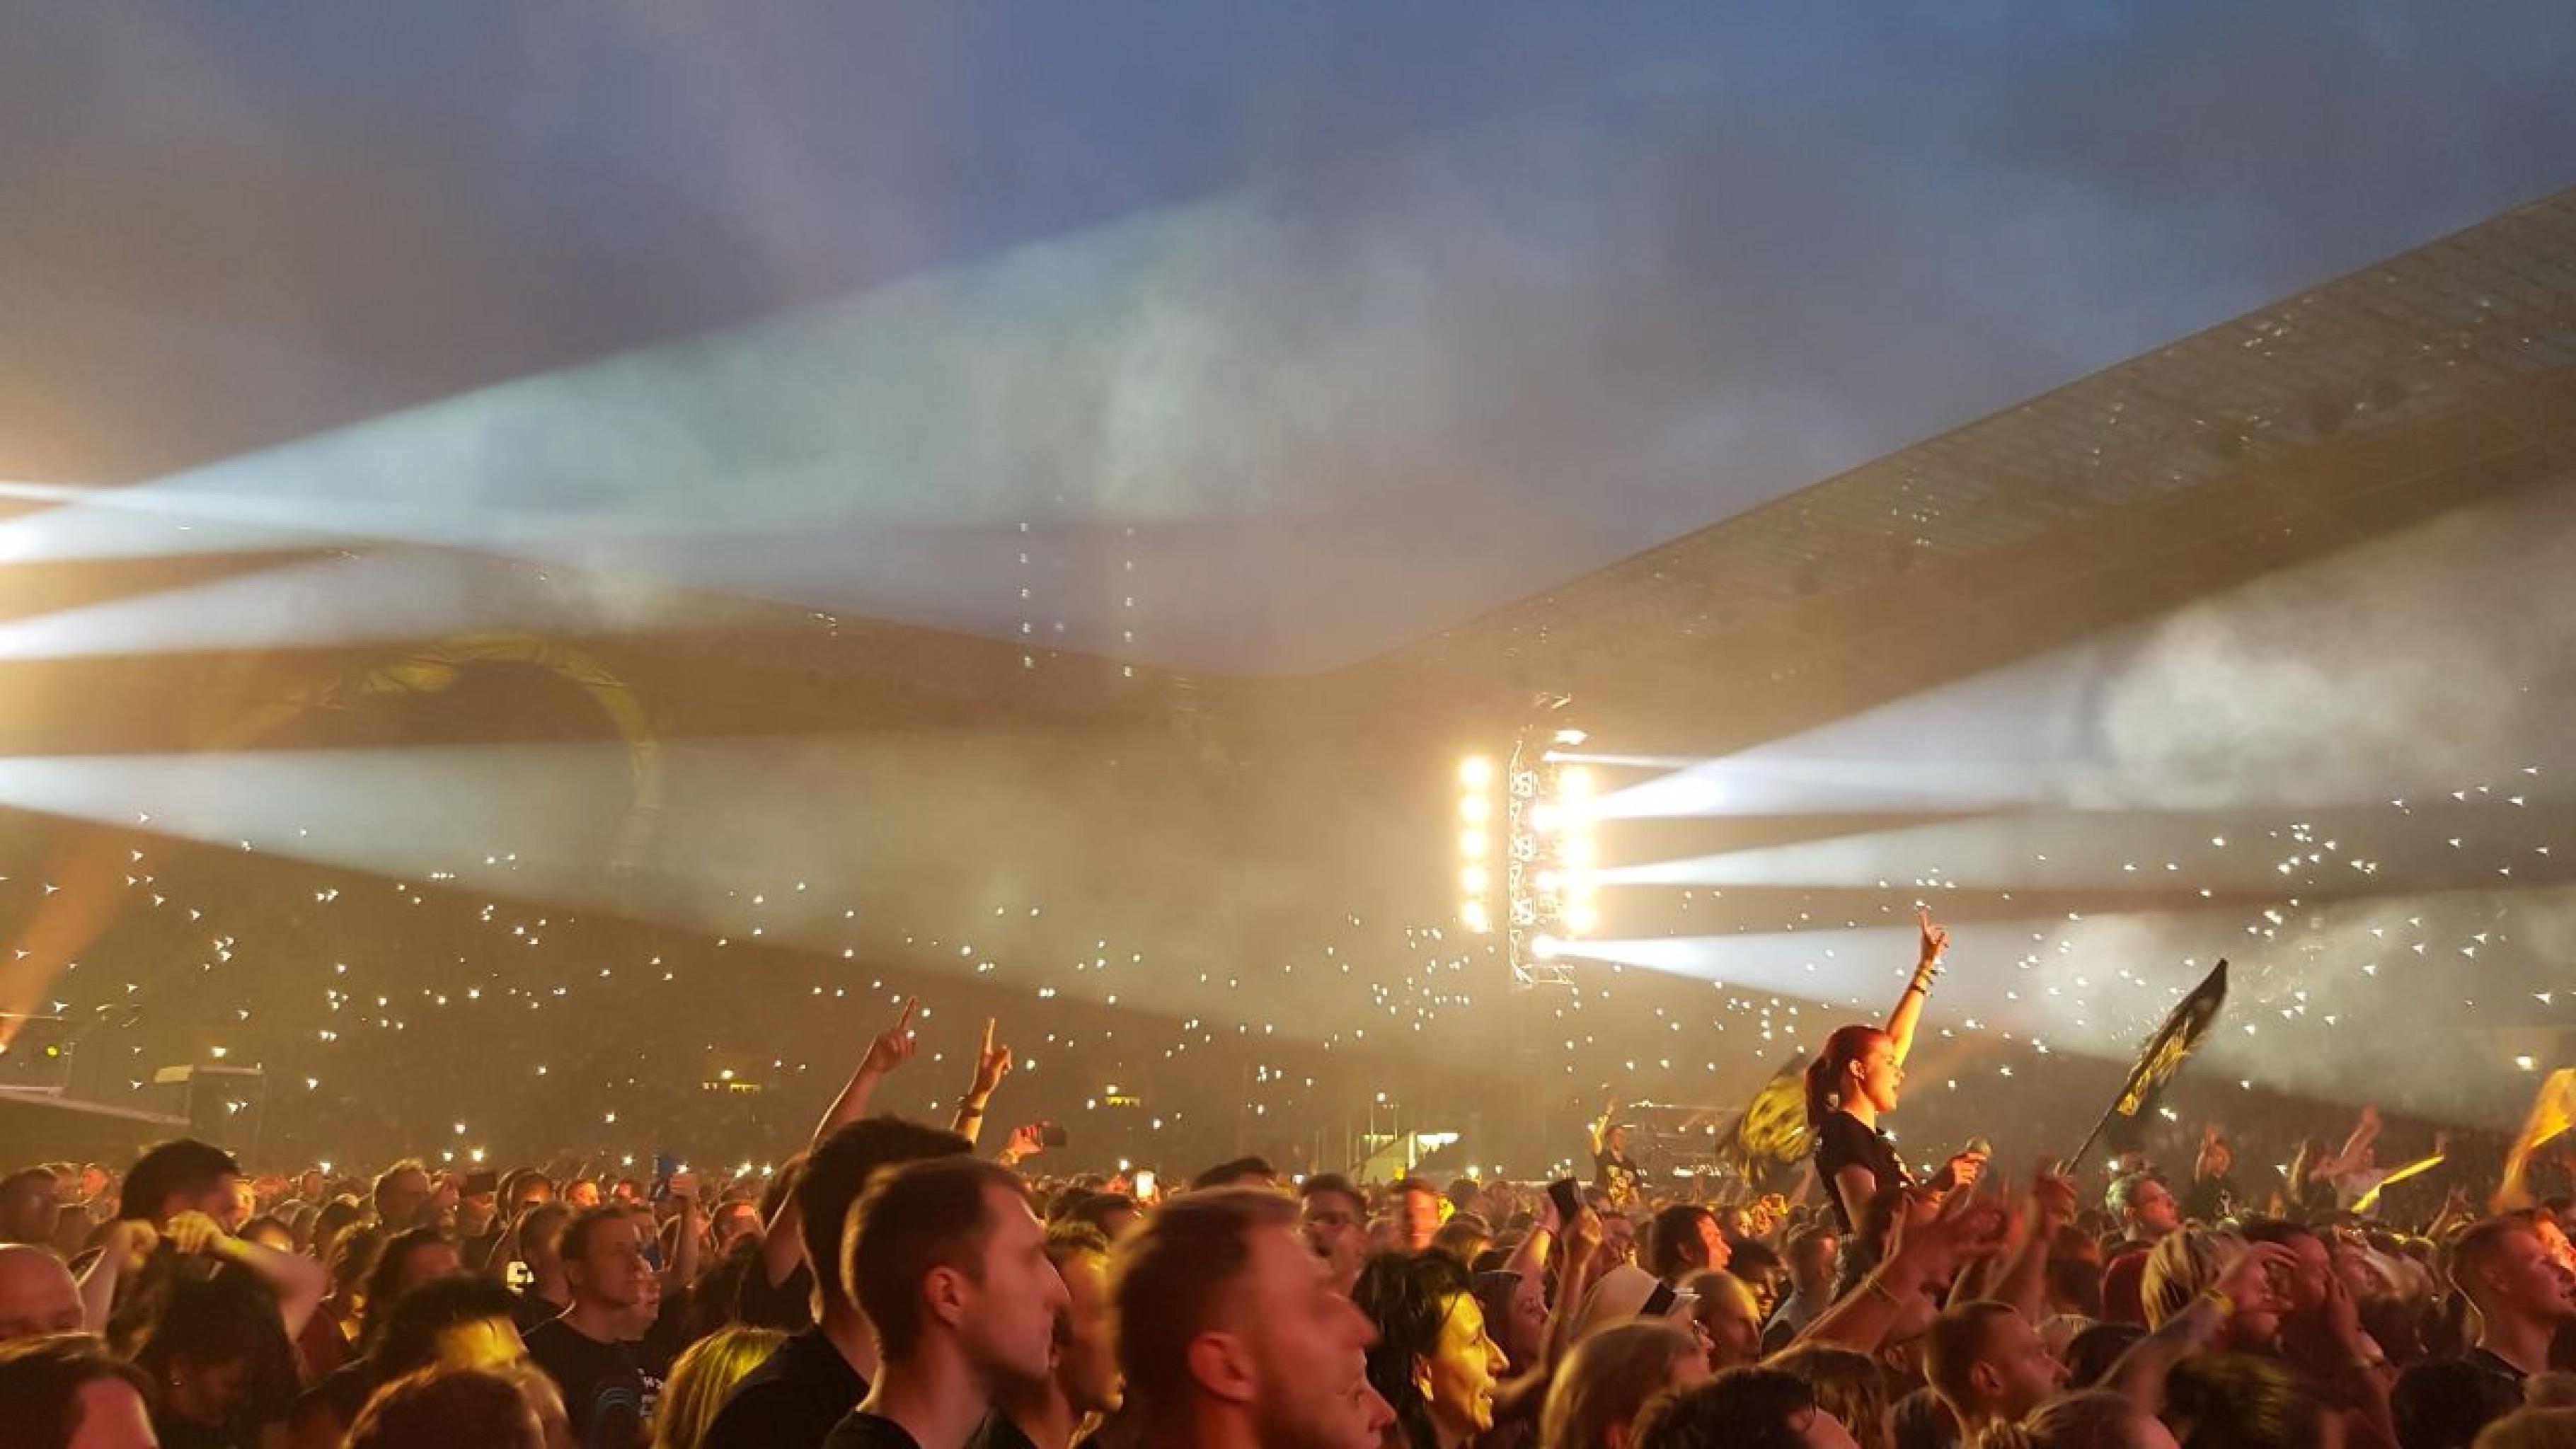 Auf einem großen Konzert singt das Publikum und schwenkt Fahnen im vom Nebel reflektierten Scheinwerferlicht